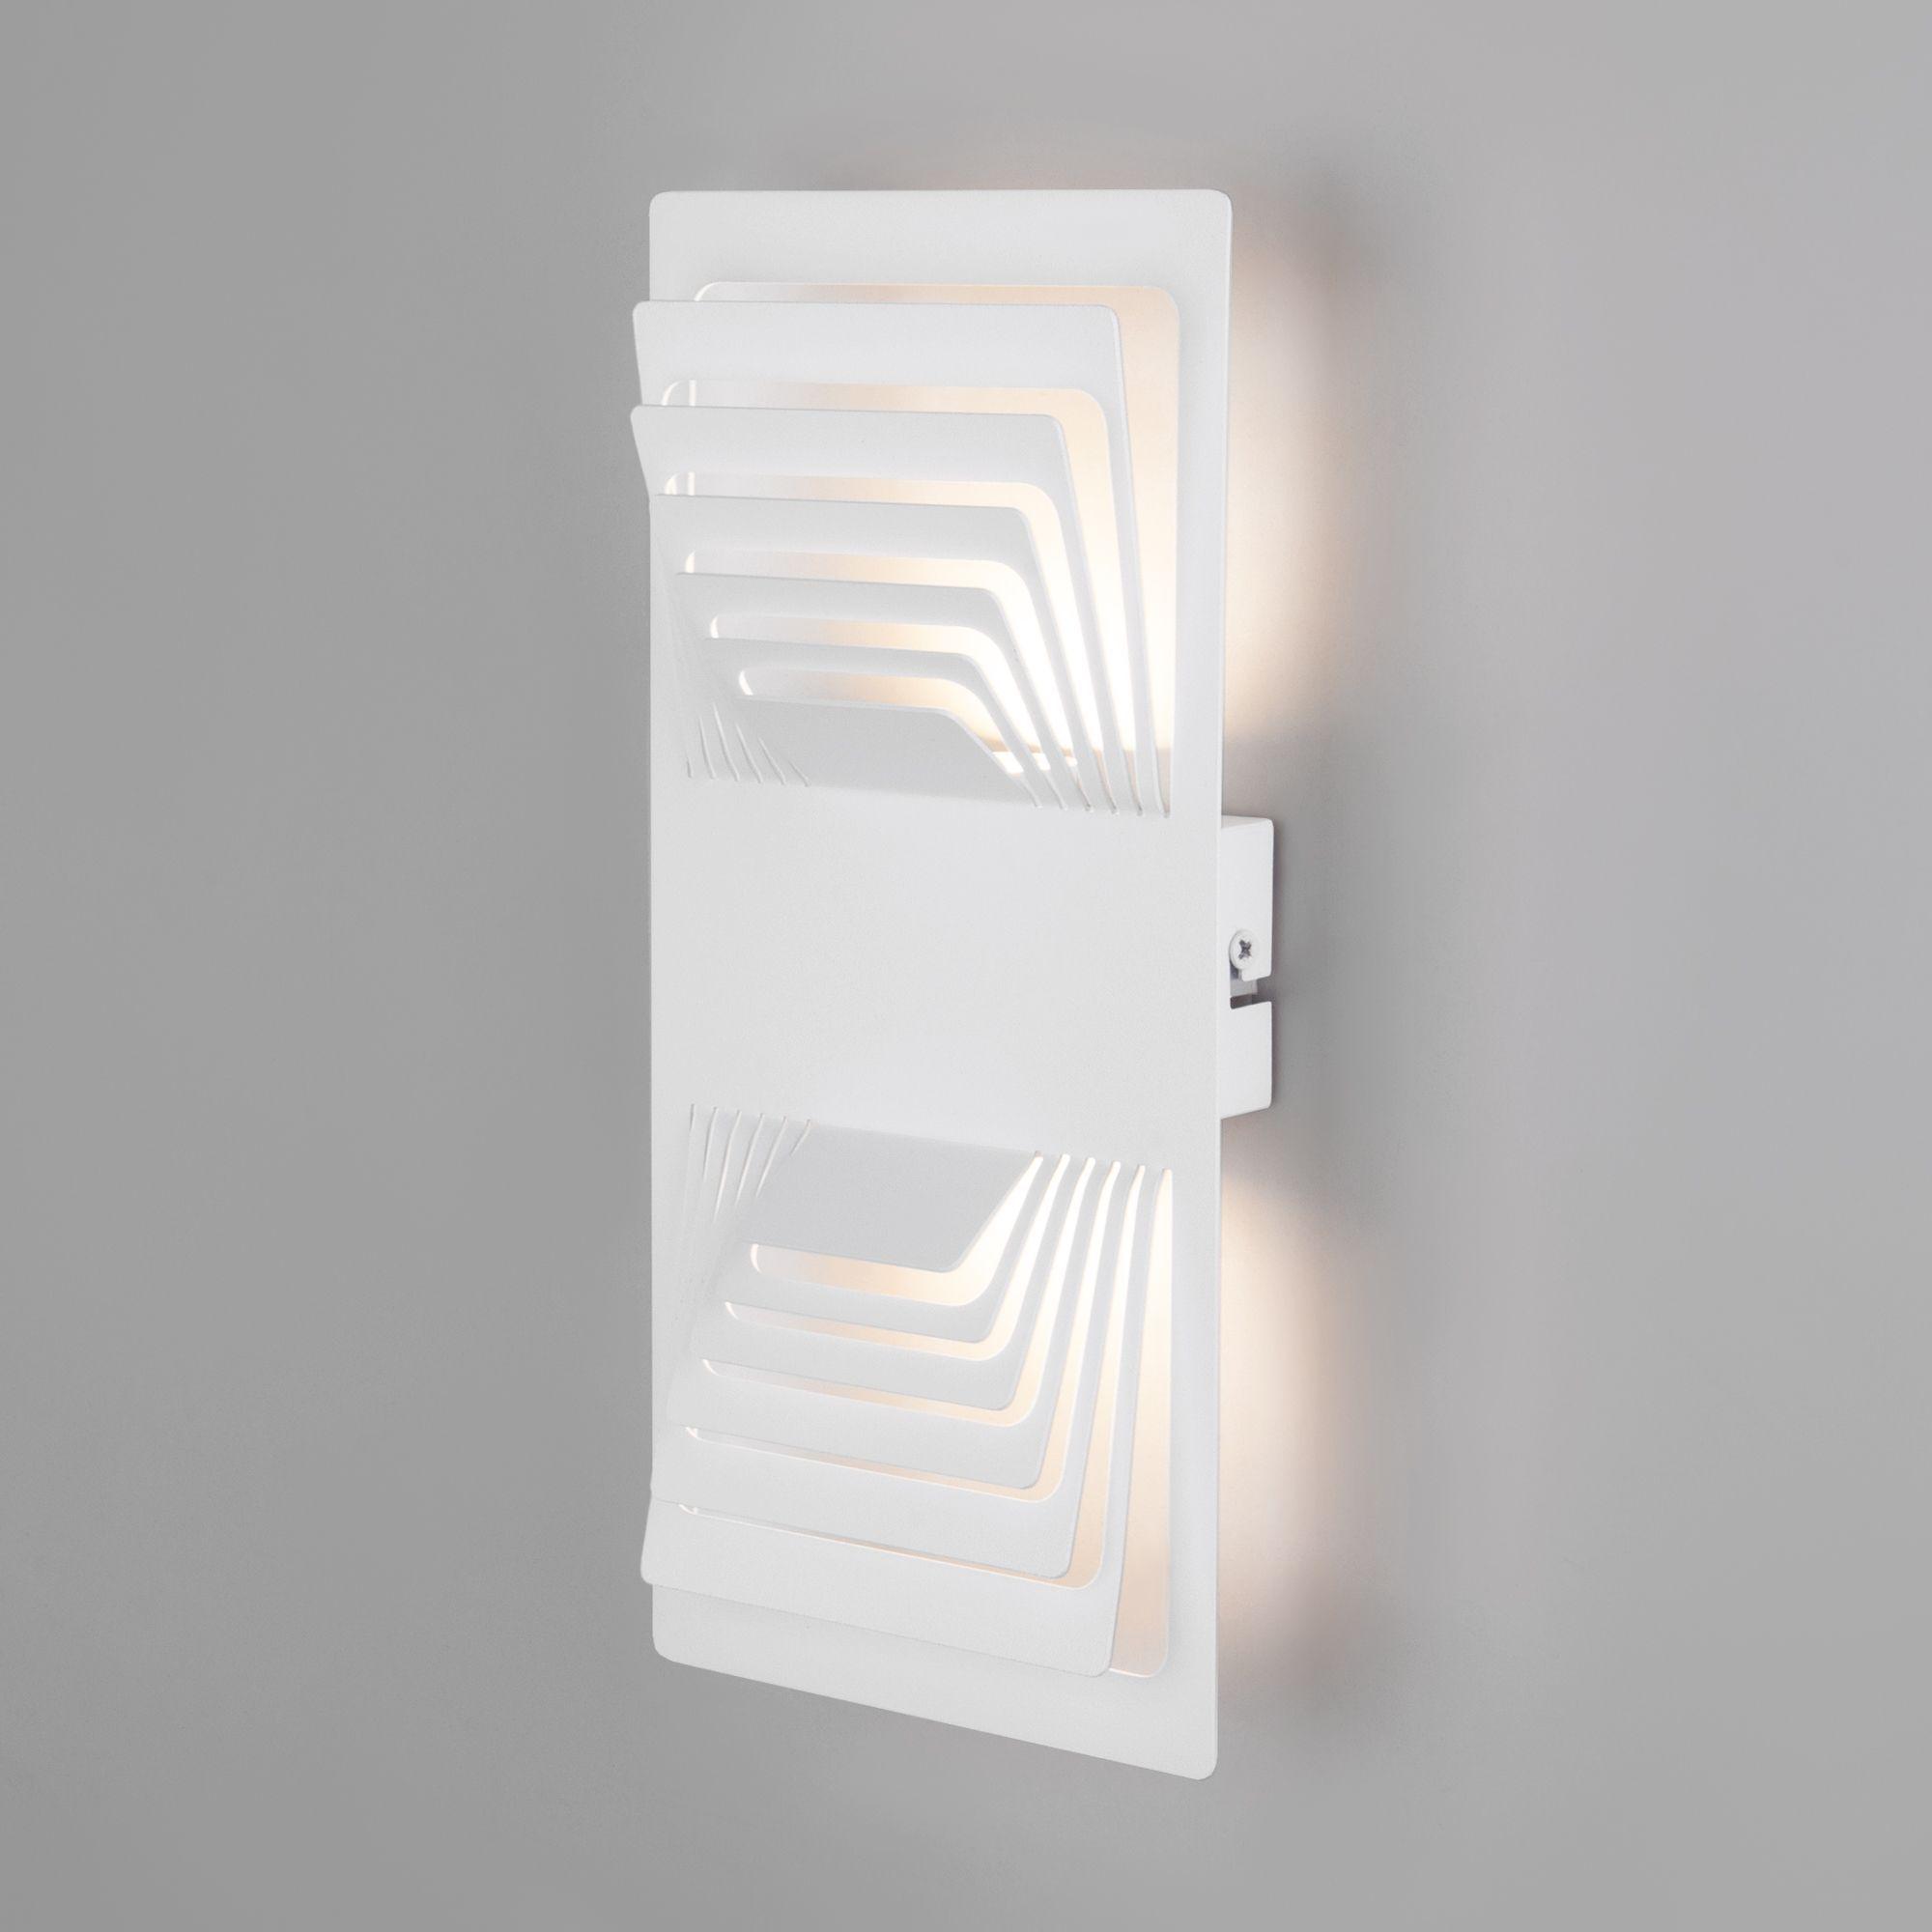 Настенный светодиодный светильник Onda LED белый MRL LED 1025